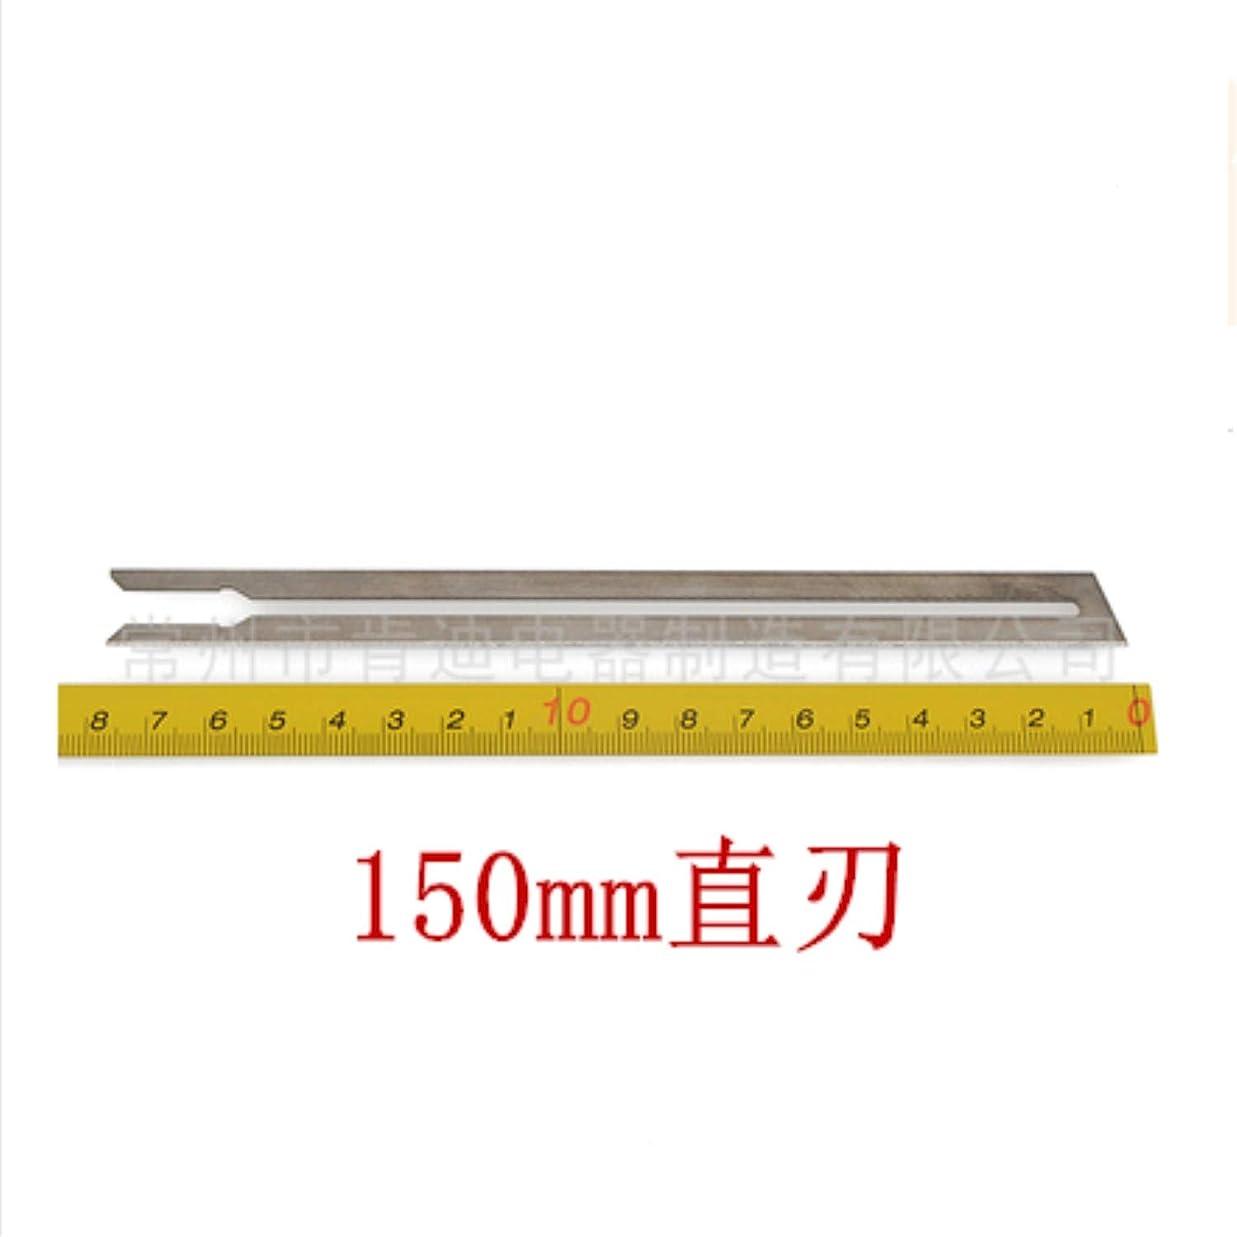 チャンピオン逸話合わせて電動発泡カッターナイフ彫刻発泡スチロール溝切りスロットマシンカッターブレードホットカット空冷新しいアップグレード (150mm直刃)